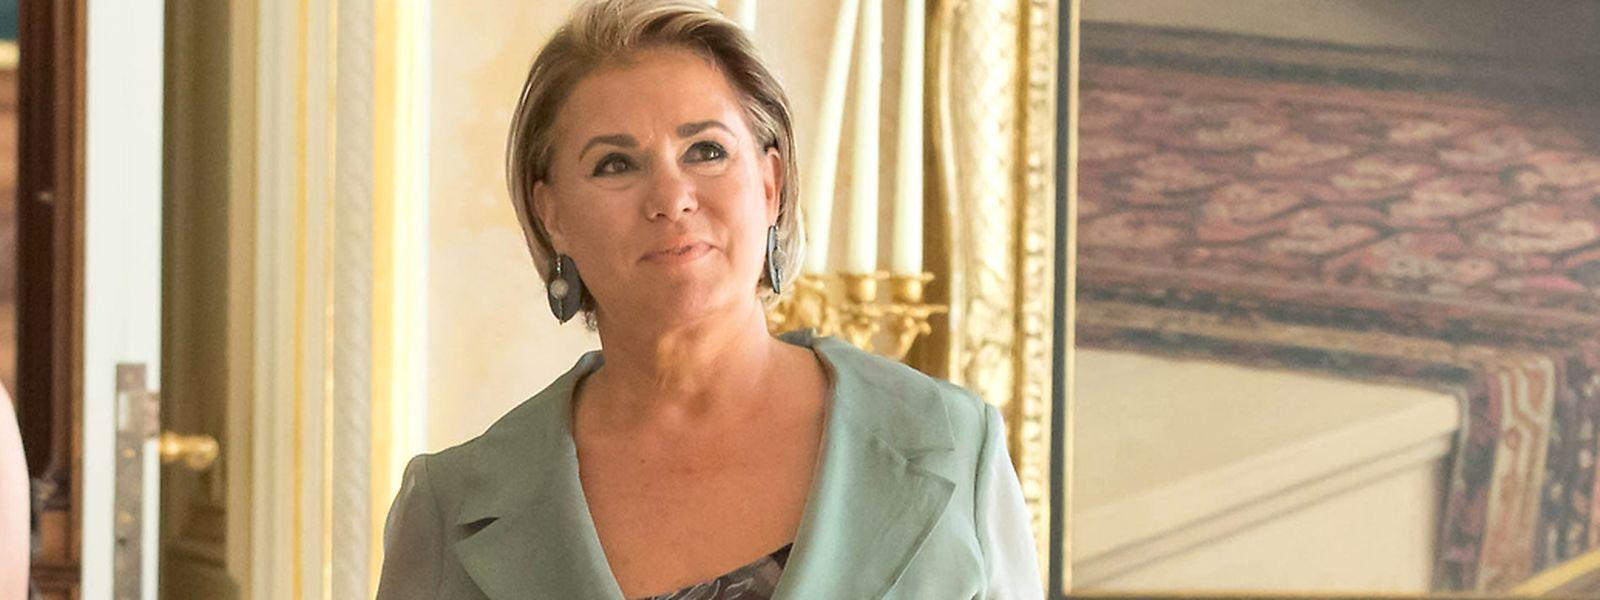 Grã-Duquesa Maria Teresa está na origem do fórum internacional nos próximos dias 26 e 27 de março.